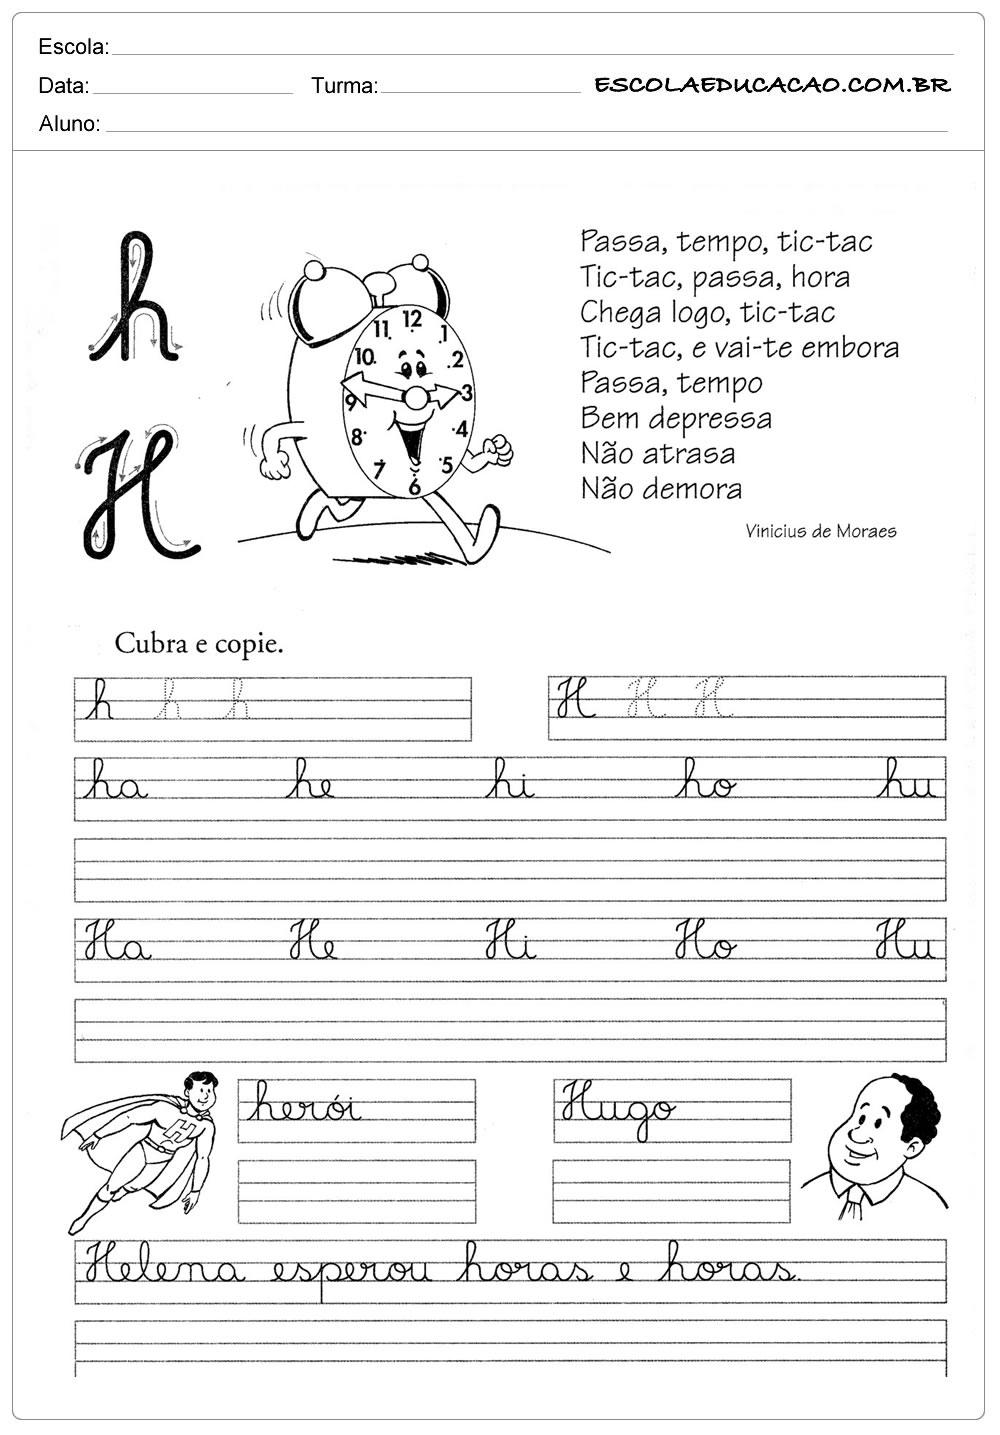 Atividade Letra H – Cubra e Copie